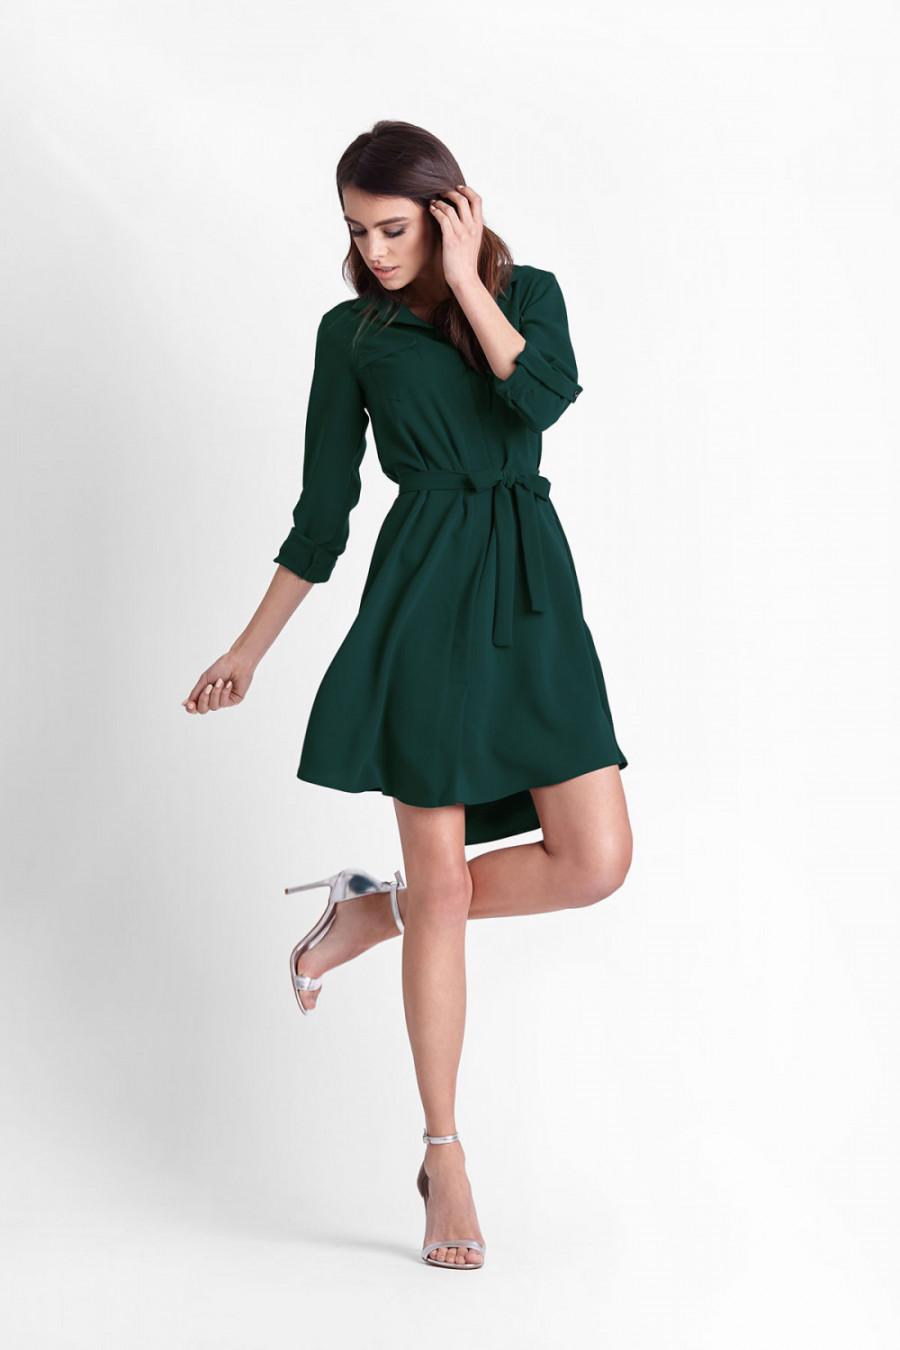 8a40976ce9189e Sukienka koszulowa butelkowa zieleń - kurier od 5,99 zł